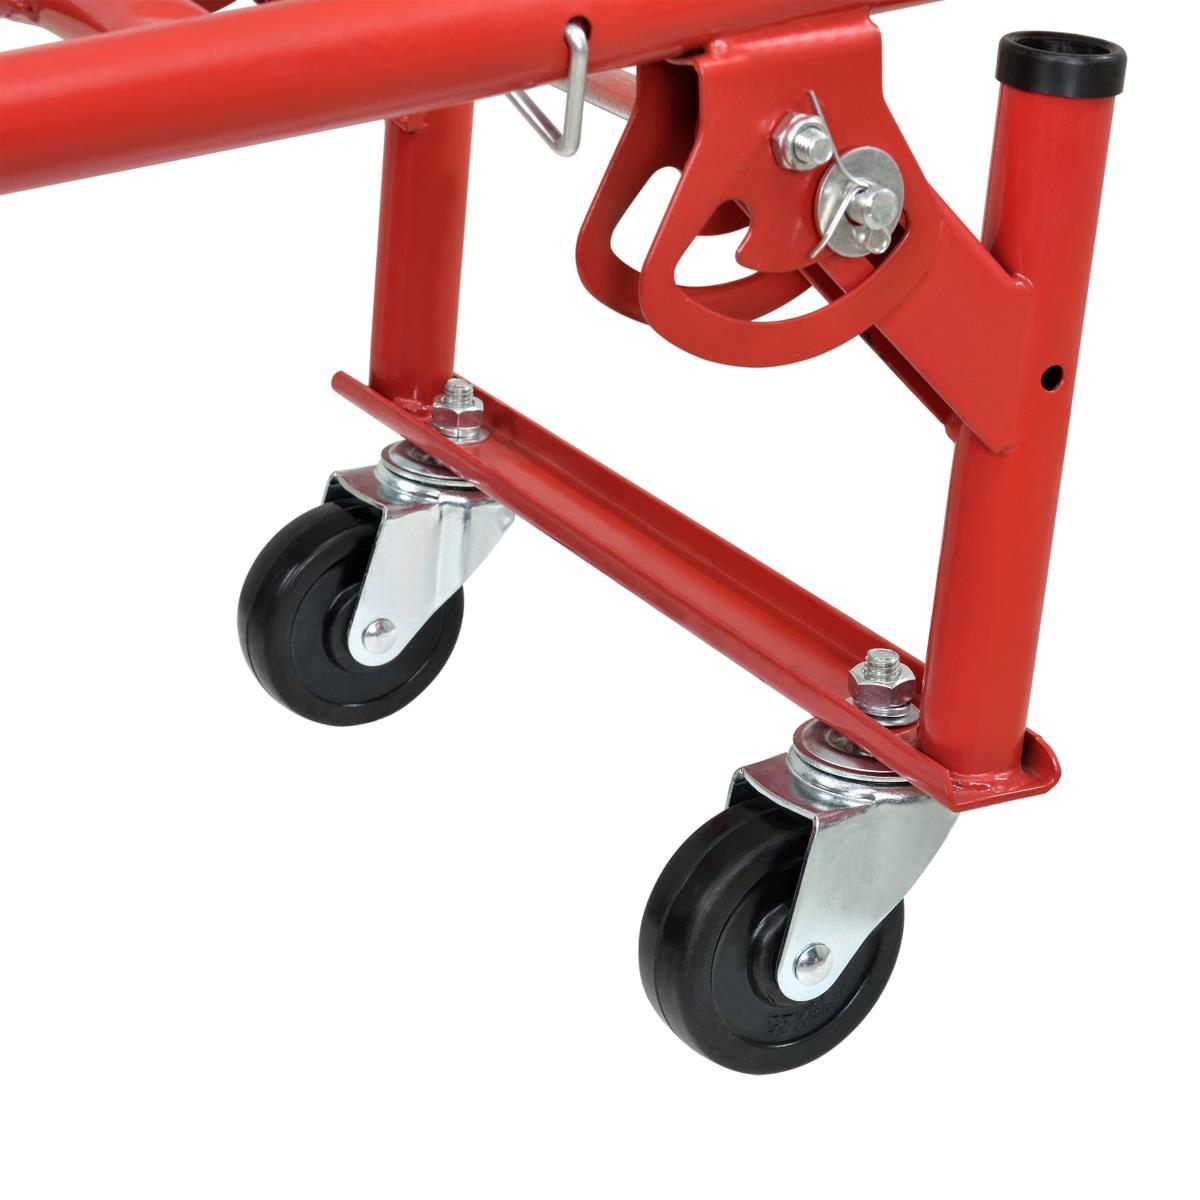 diable 6 roues pour escalier transformable en chariot. Black Bedroom Furniture Sets. Home Design Ideas